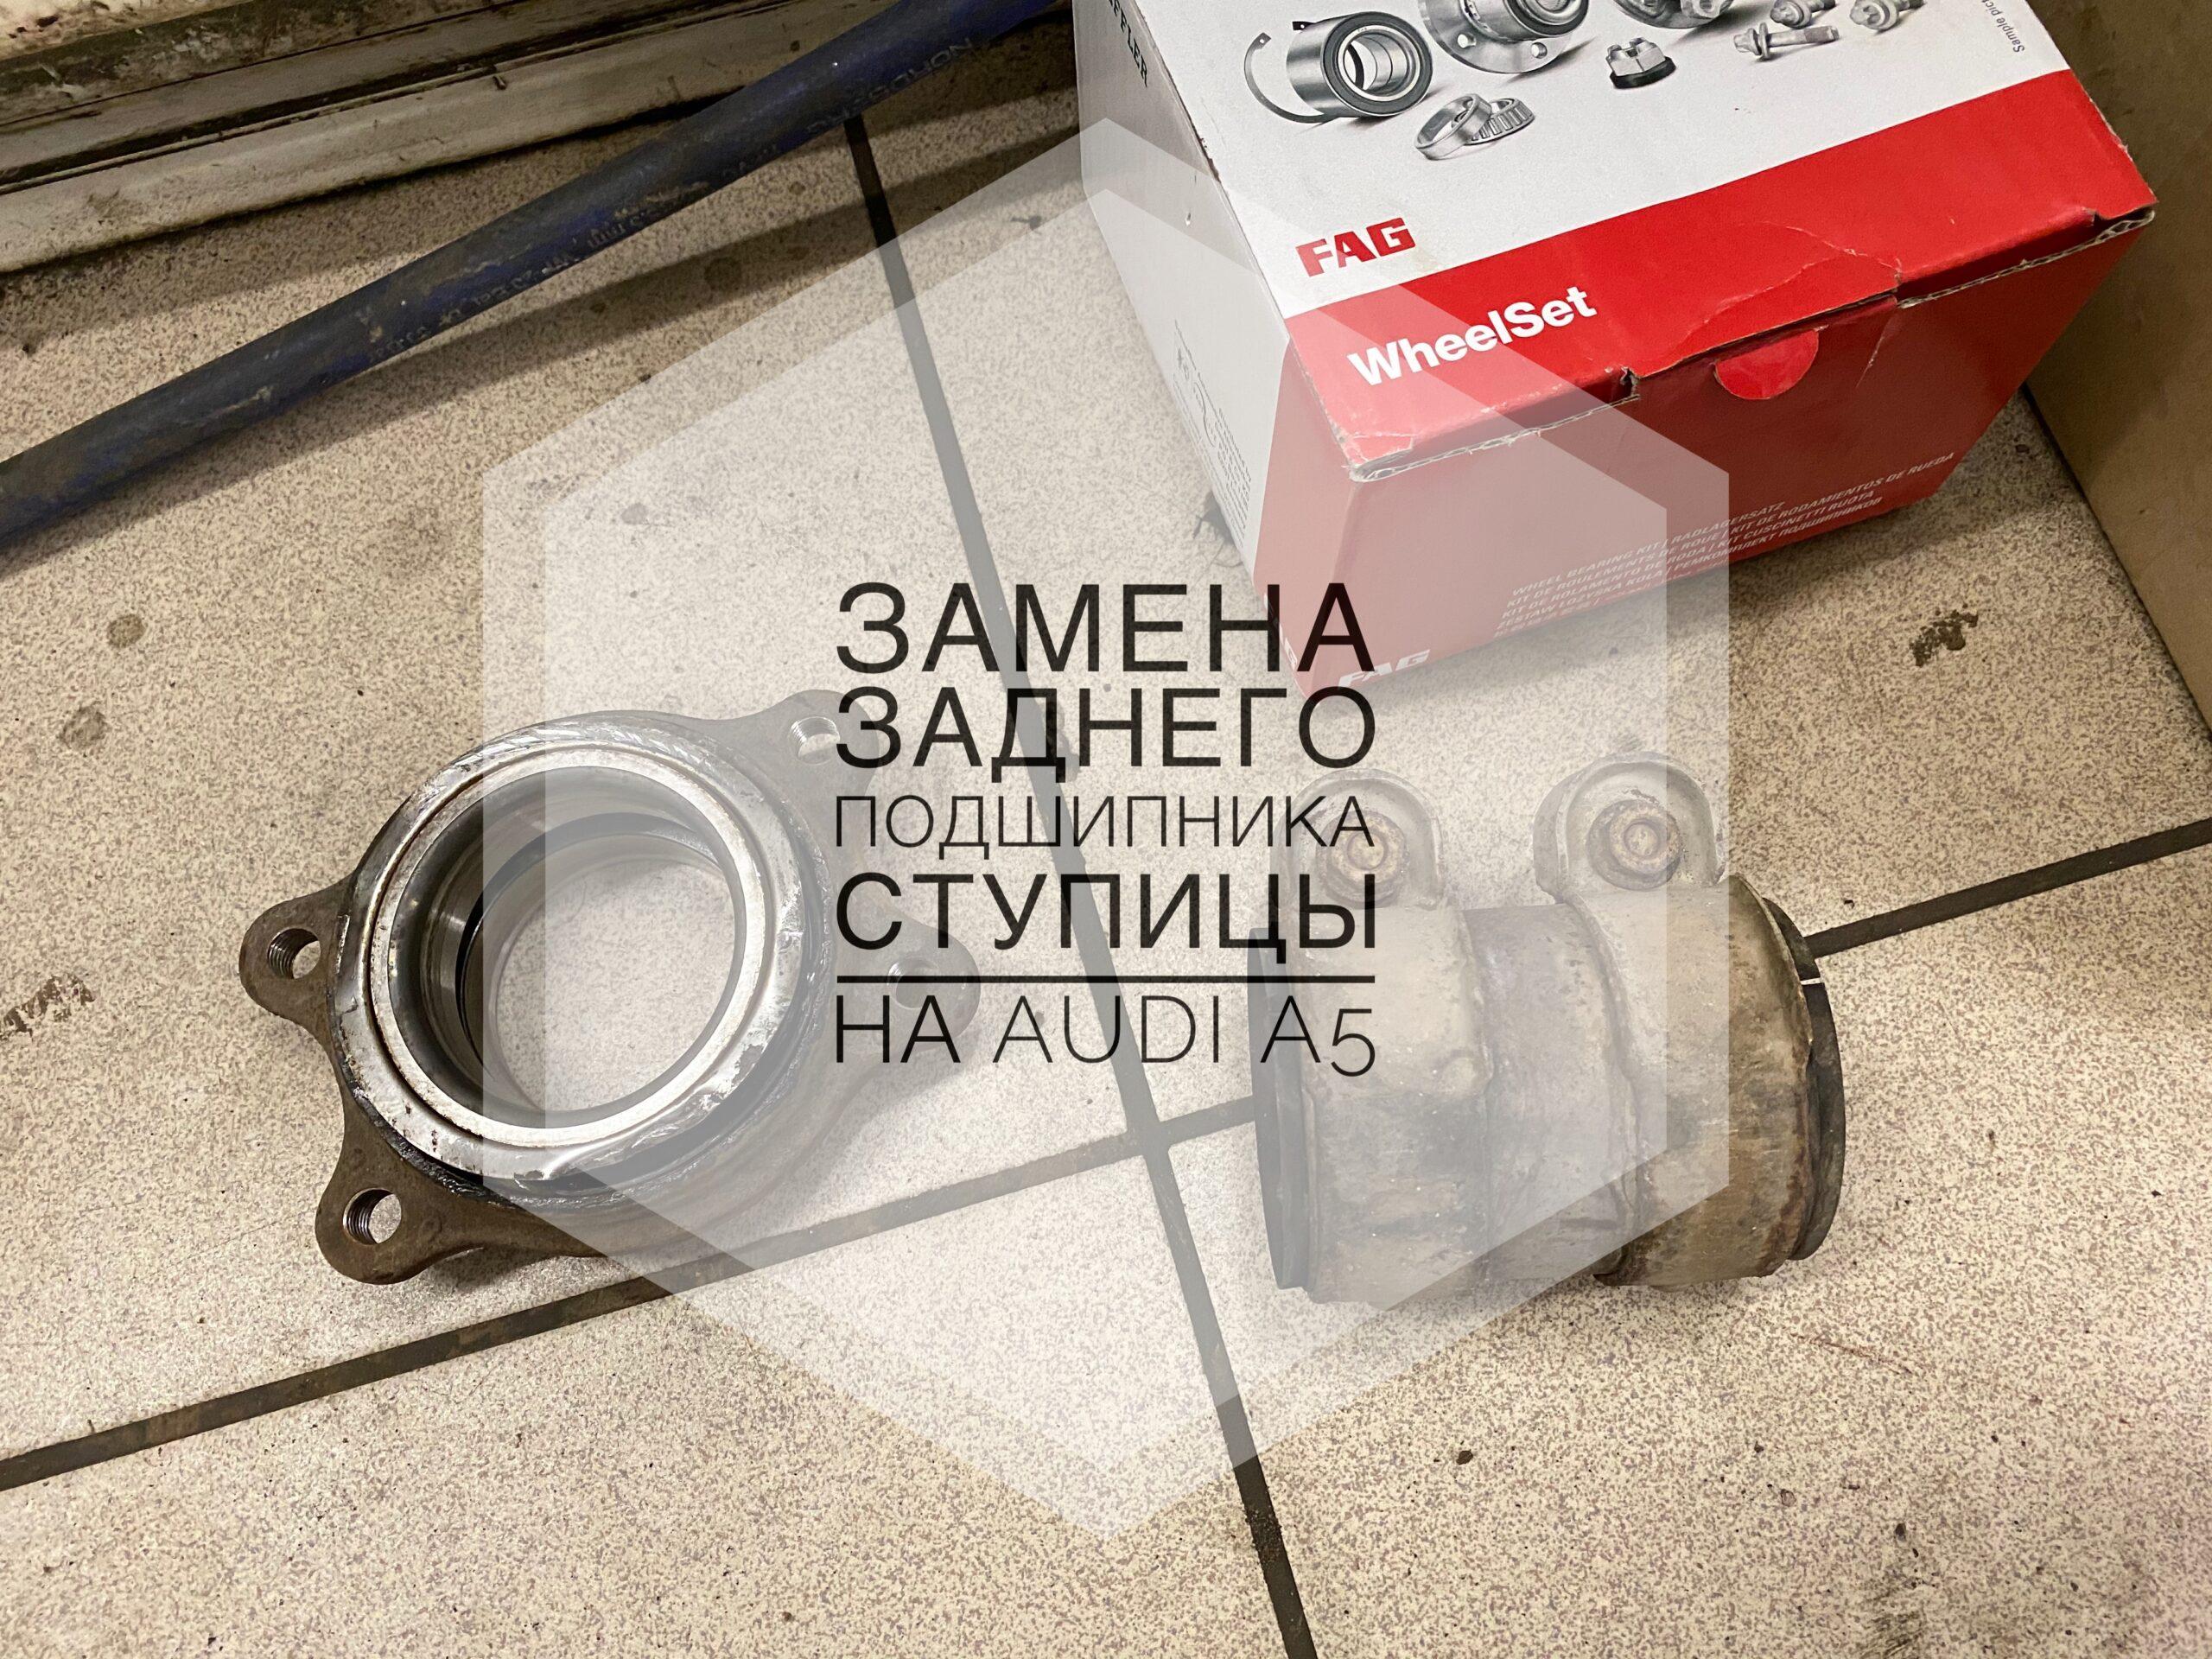 Audi A5 — Замена подшипника задней ступицы